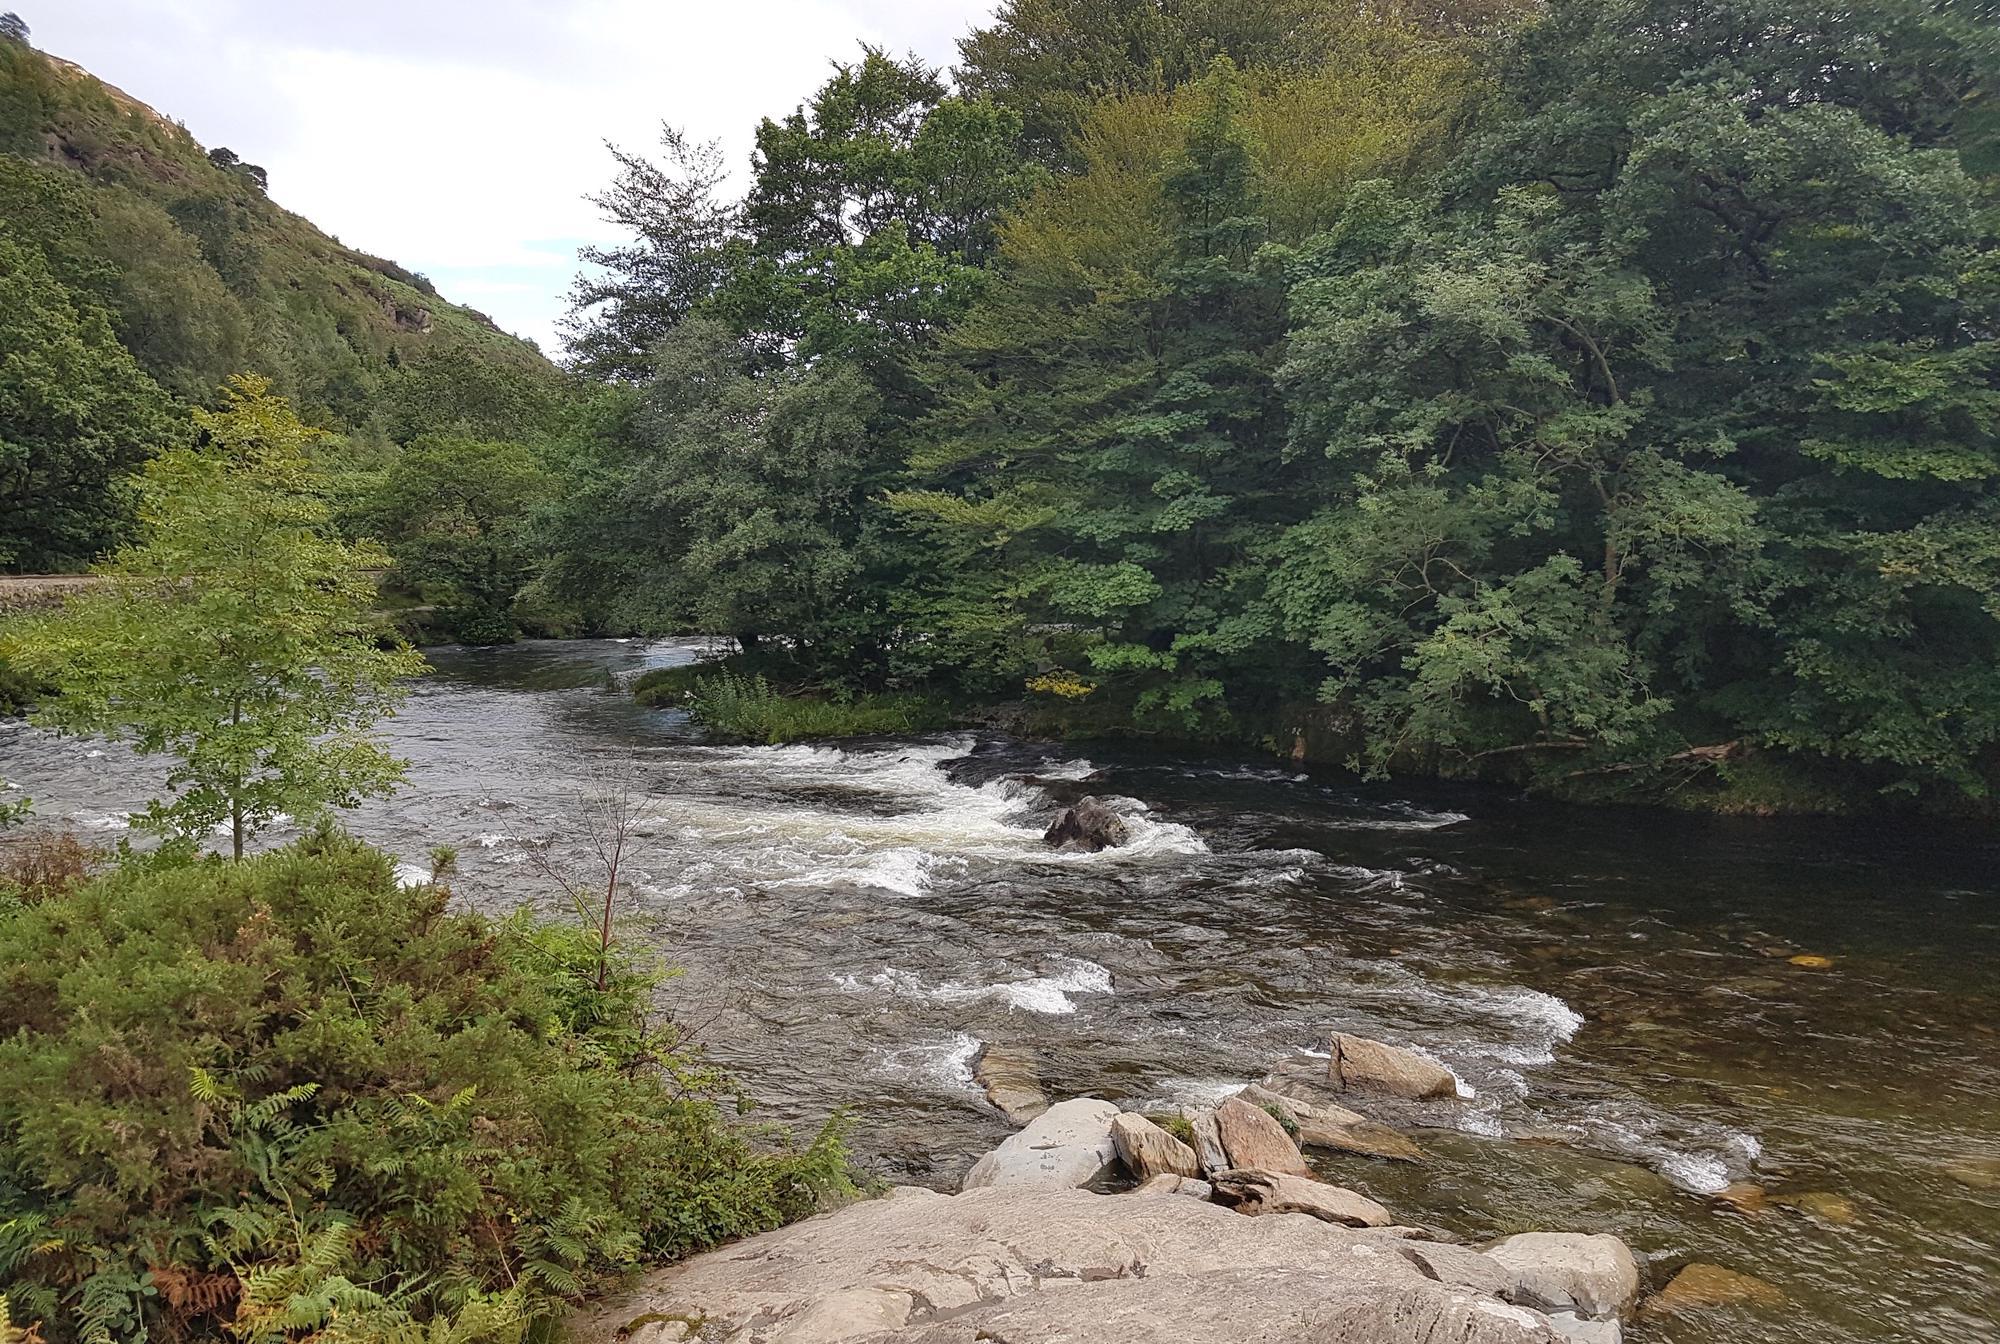 Beddgelert Camping   Campsites in Beddgelert, North Wales